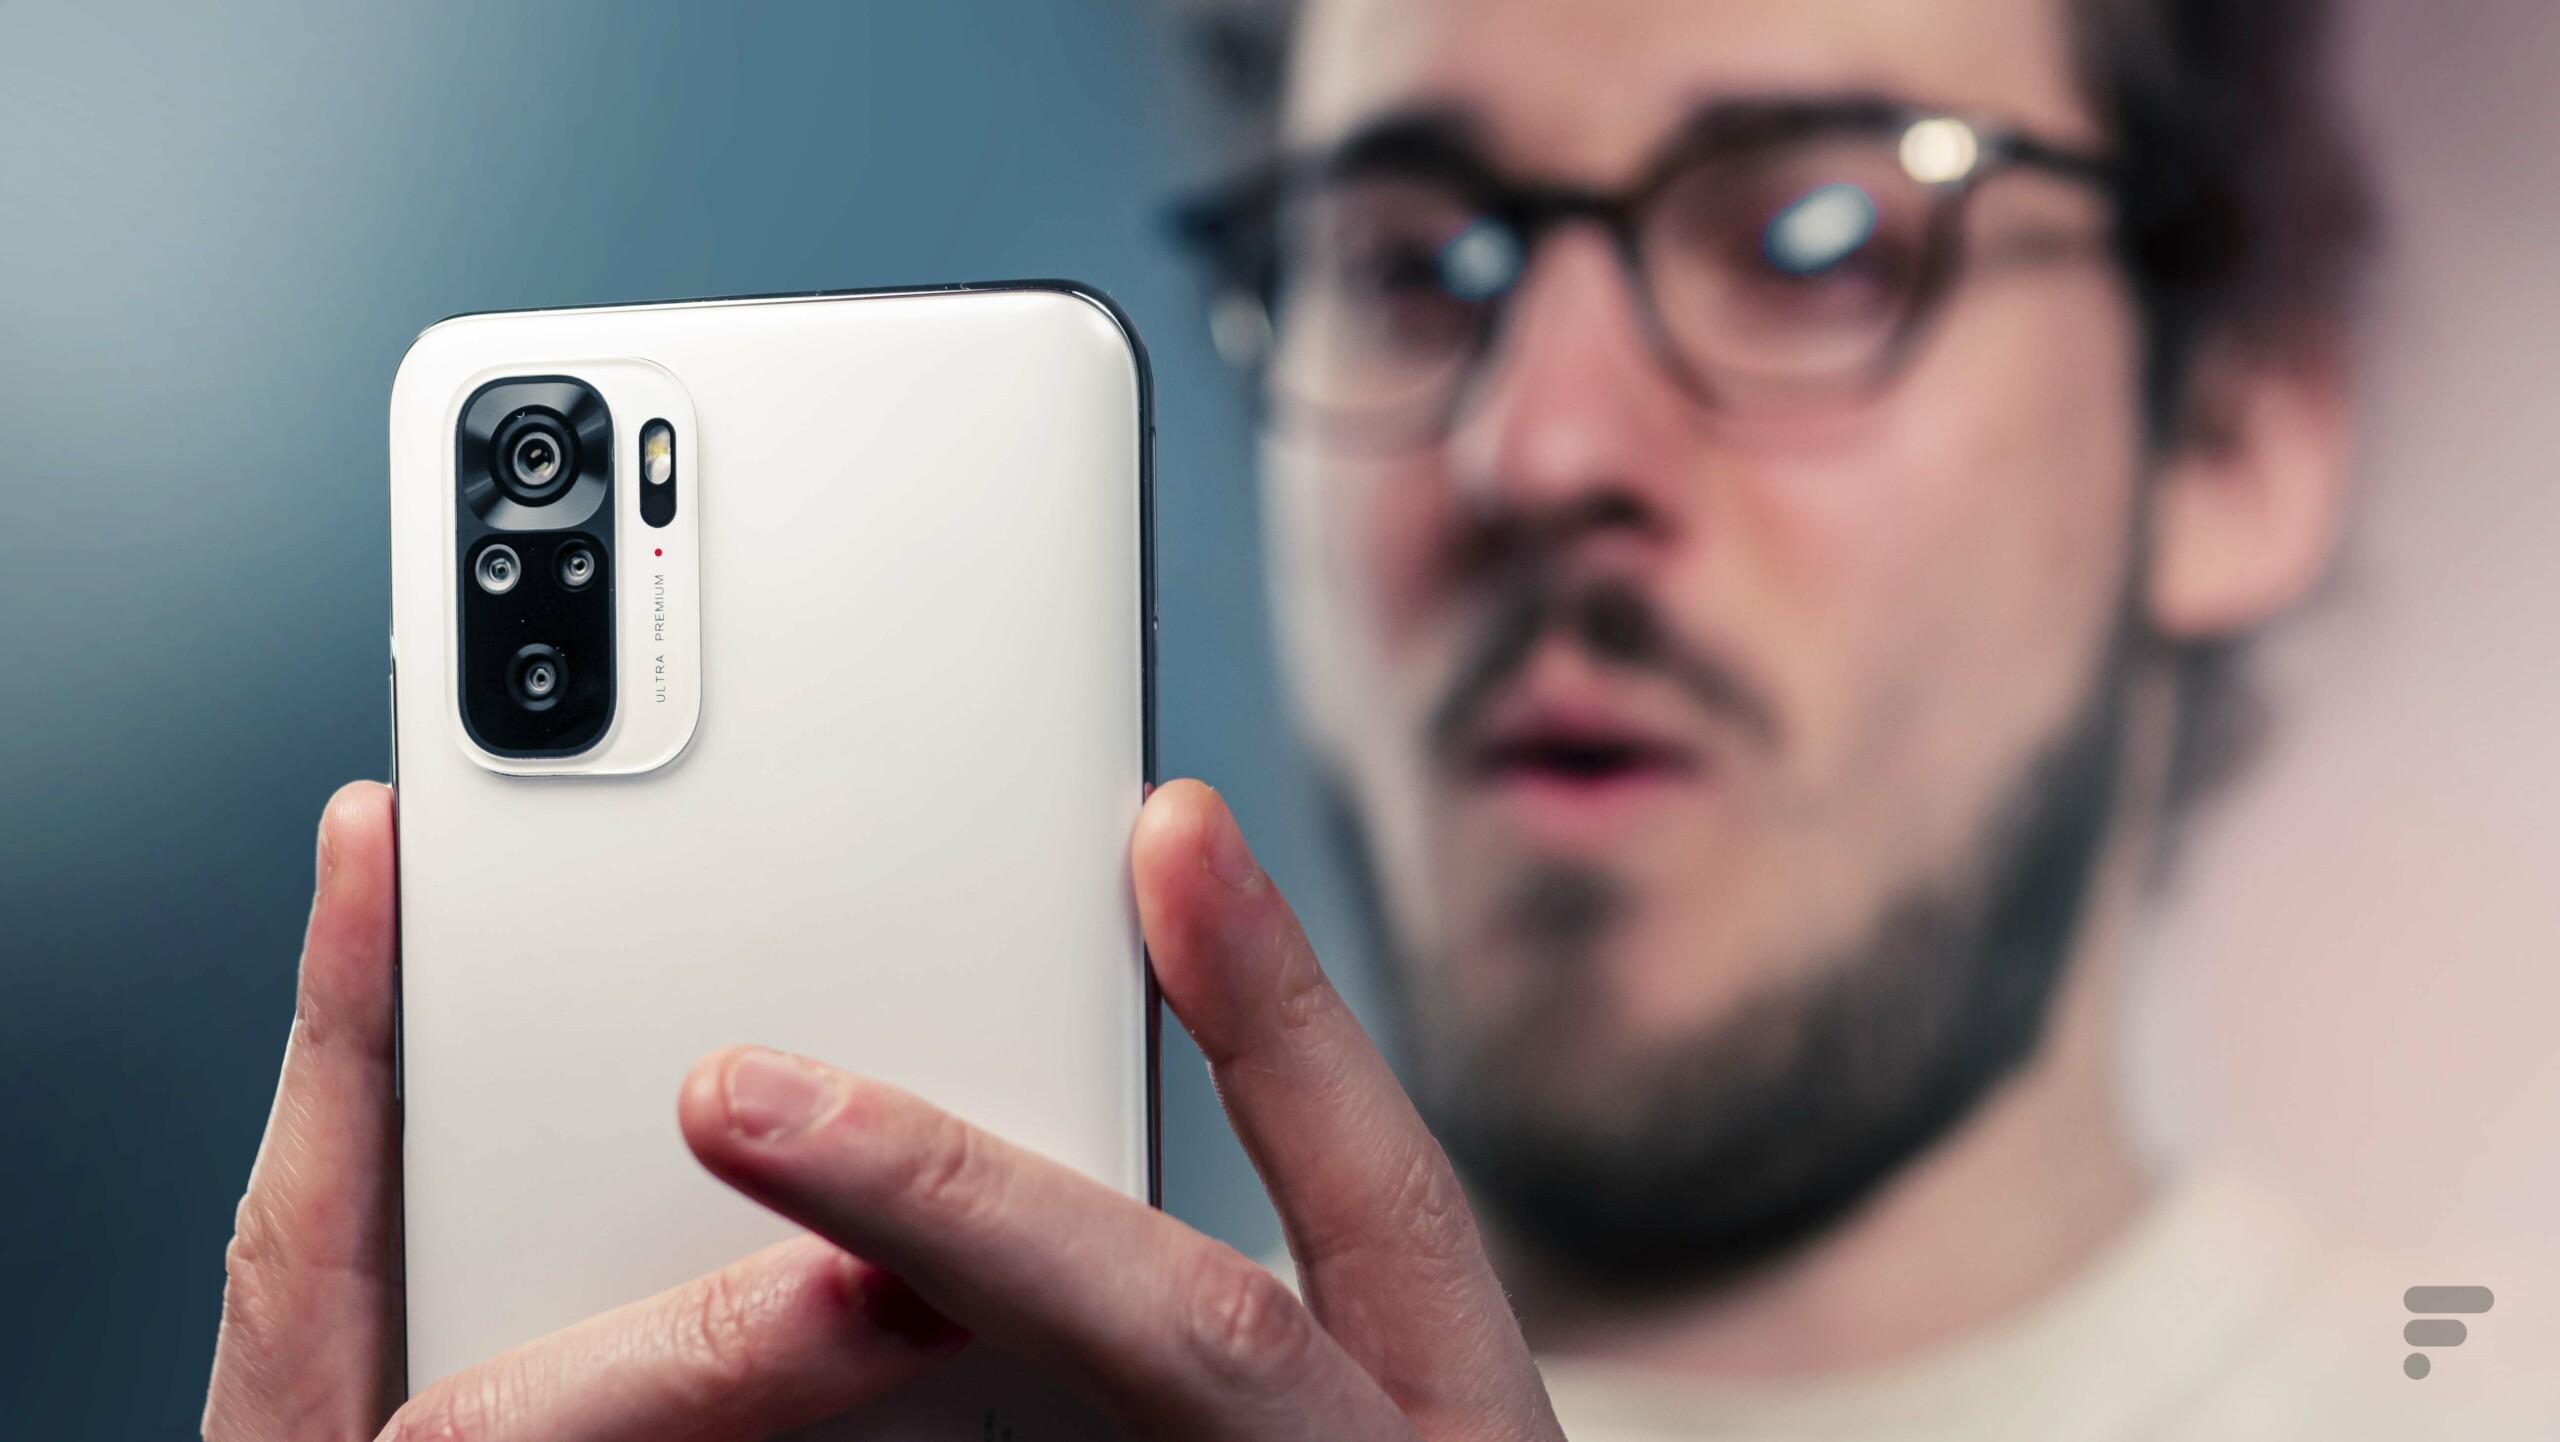 Top des meilleurs smartphones pour moins de 200 euros en 2021 - XIAOMI REDMI NOTE 10 www.heavybull.com